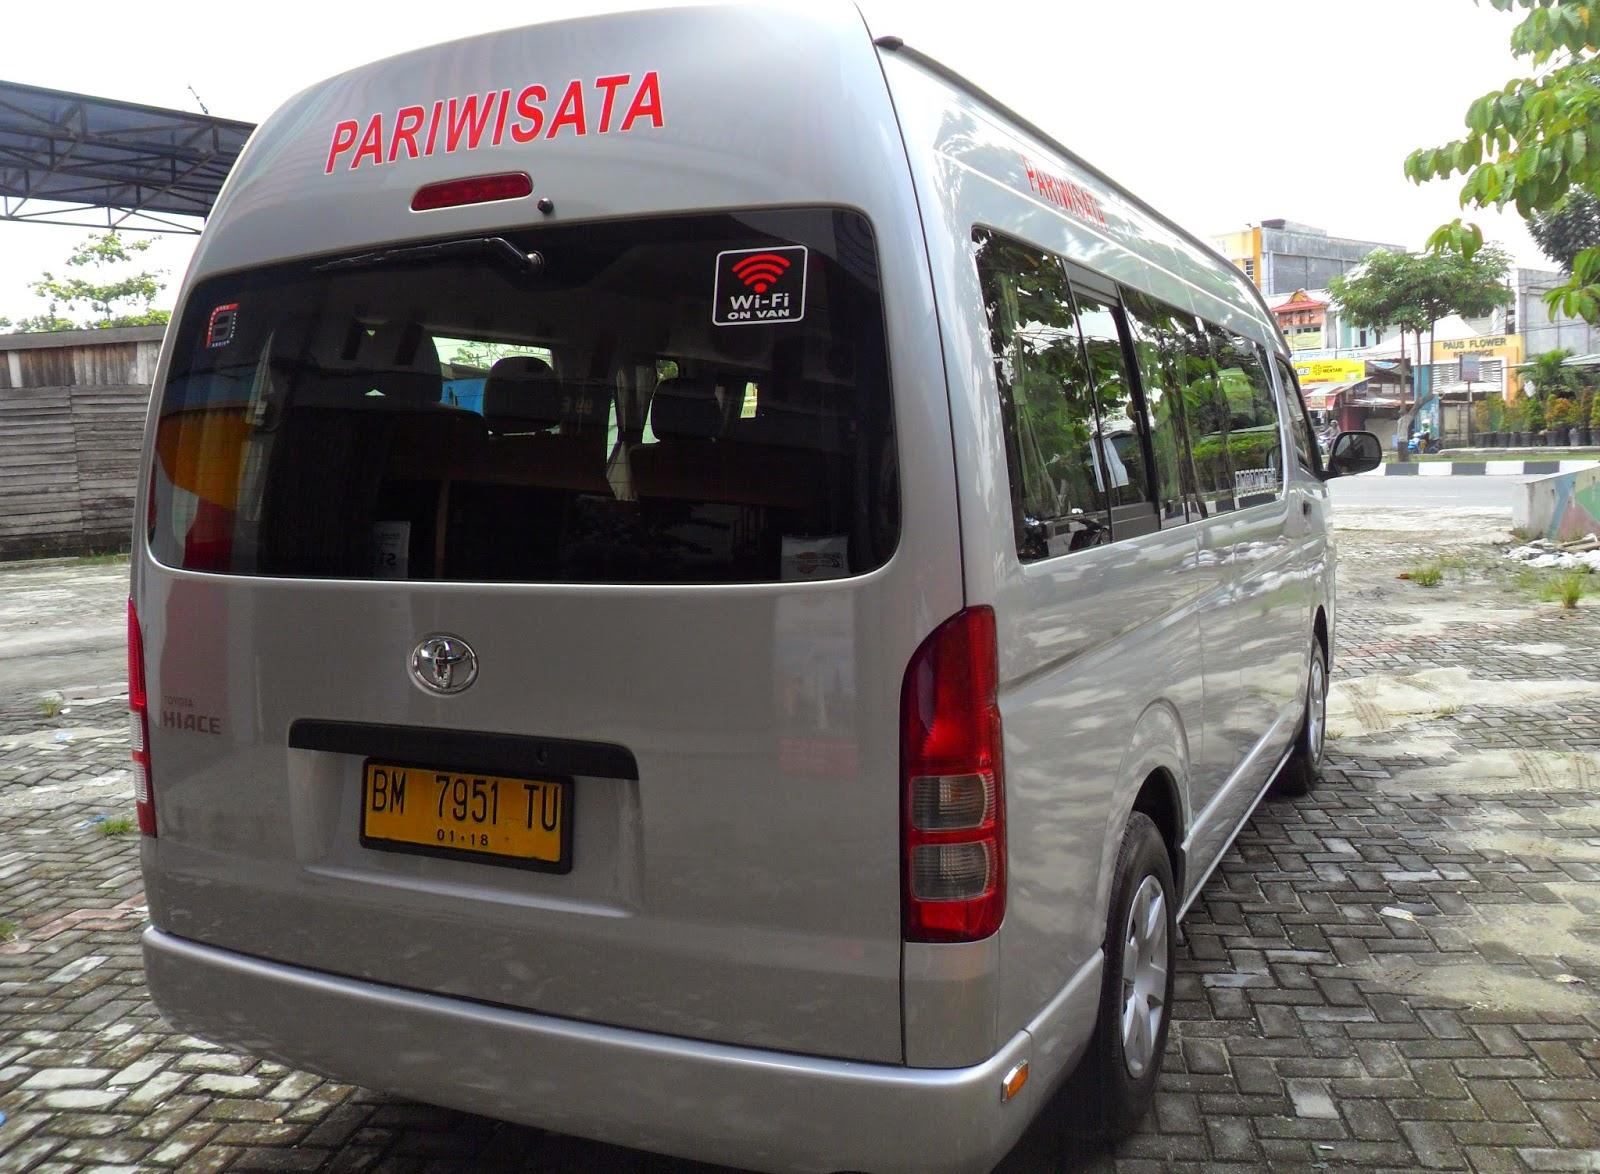 Sewa Bus Pariwisata Pekanbaru aw12